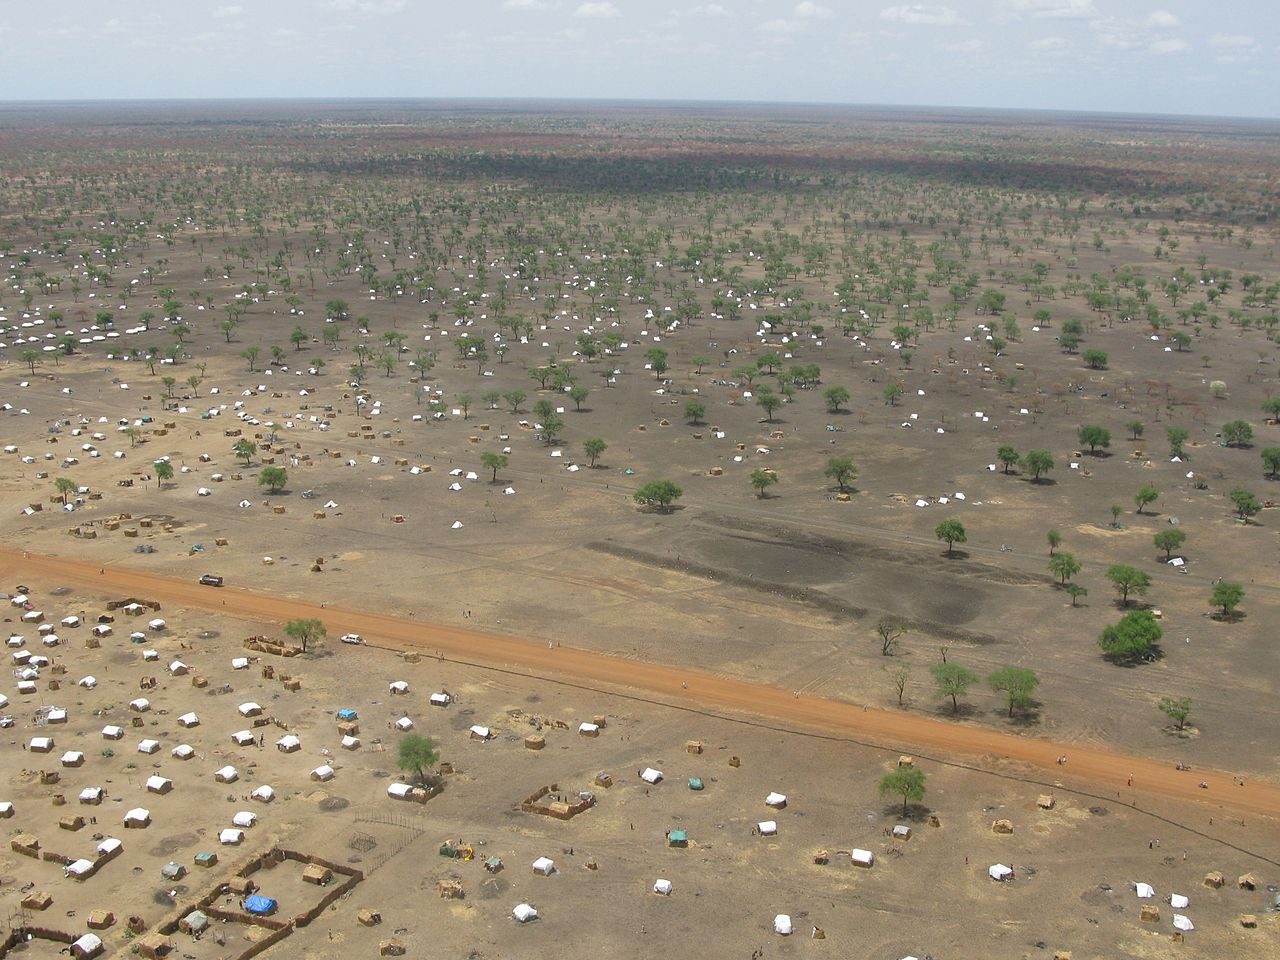 Kamp pengungsi Jamam